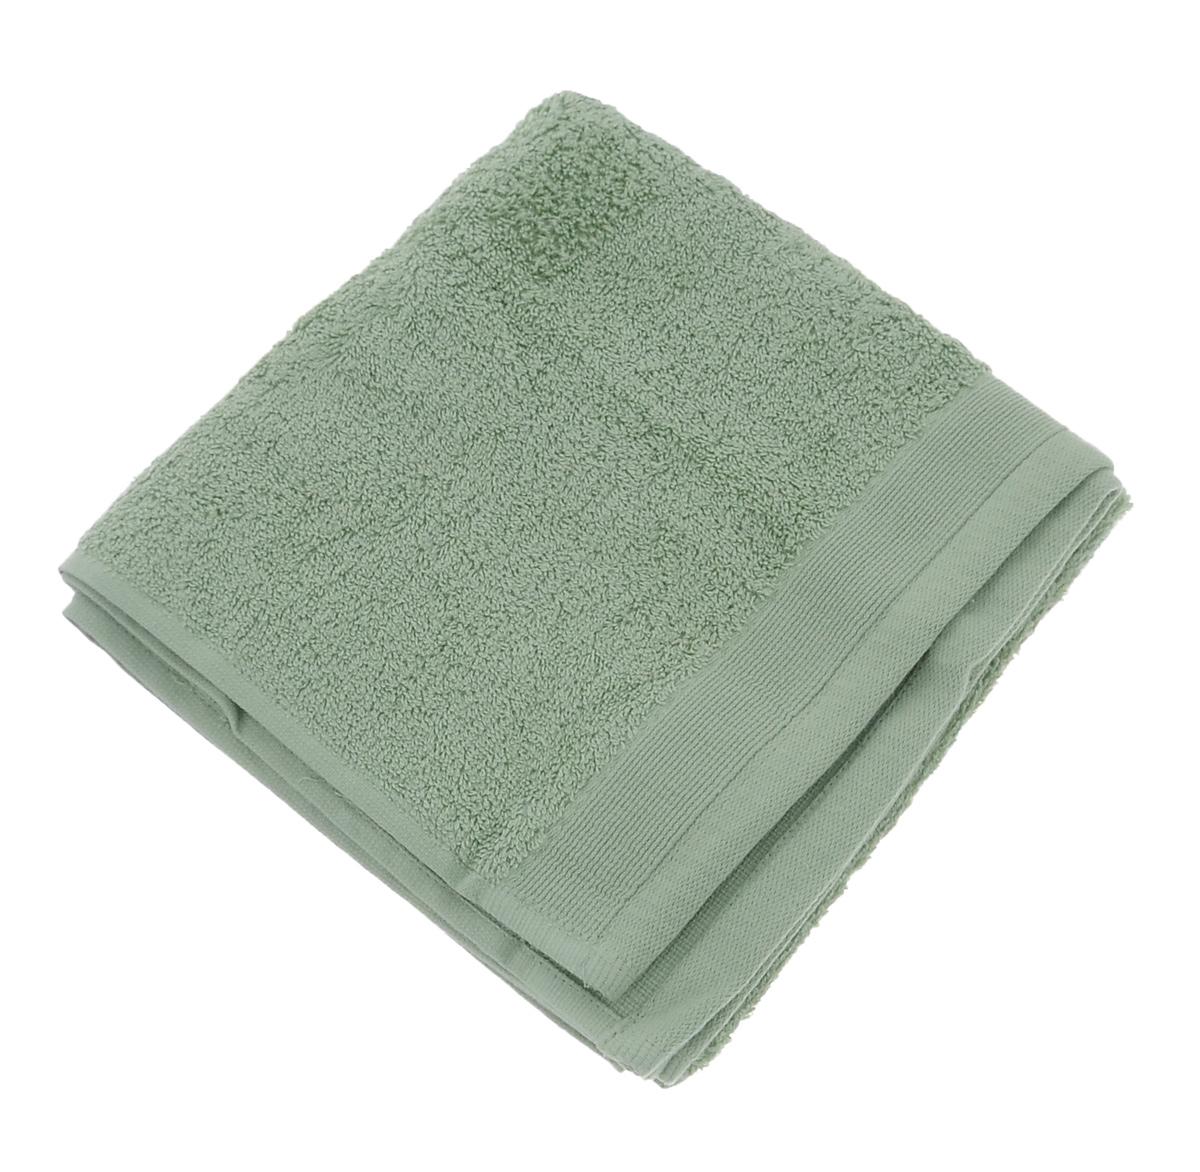 Полотенце махровое Guten Morgen, цвет: светло-зеленый, 50 см х 100 смПМсвз-50-100Махровое полотенце Guten Morgen, изготовленное из натурального хлопка, прекрасно впитывает влагу и быстро сохнет. Высокая плотность ткани делает полотенце мягкими, прочными и пушистыми. При соблюдении рекомендаций по уходу изделие сохраняет яркость цвета и не теряет форму даже после многократных стирок. Махровое полотенце Guten Morgen станет достойным выбором для вас и приятным подарком для ваших близких. Мягкость и высокое качество материала, из которого изготовлено полотенце, не оставит вас равнодушными.